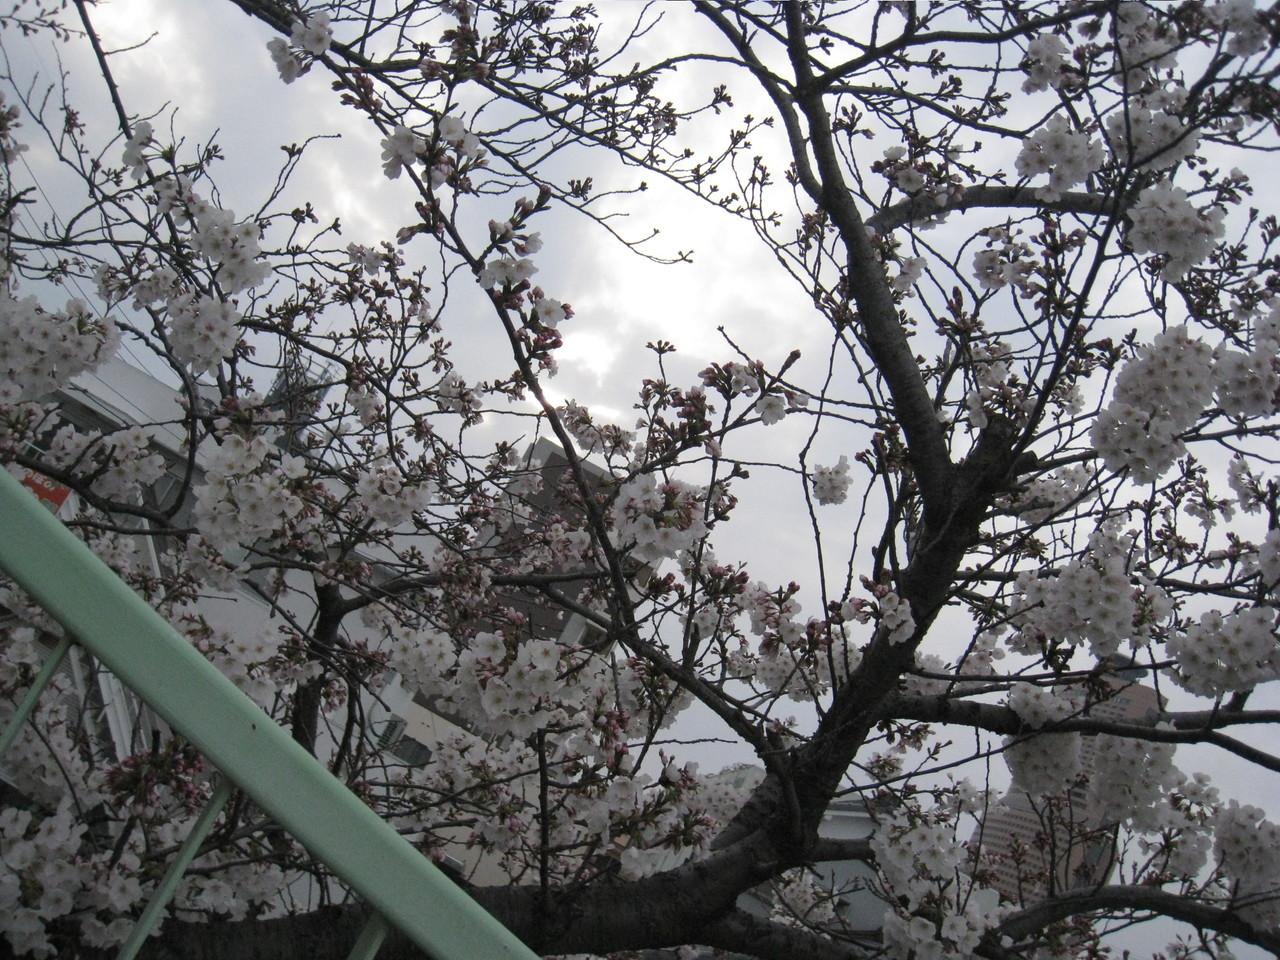 桜の向こうに見えるのは? さあ、アクト目指してがんばろう!  完歩章まであと少し!?